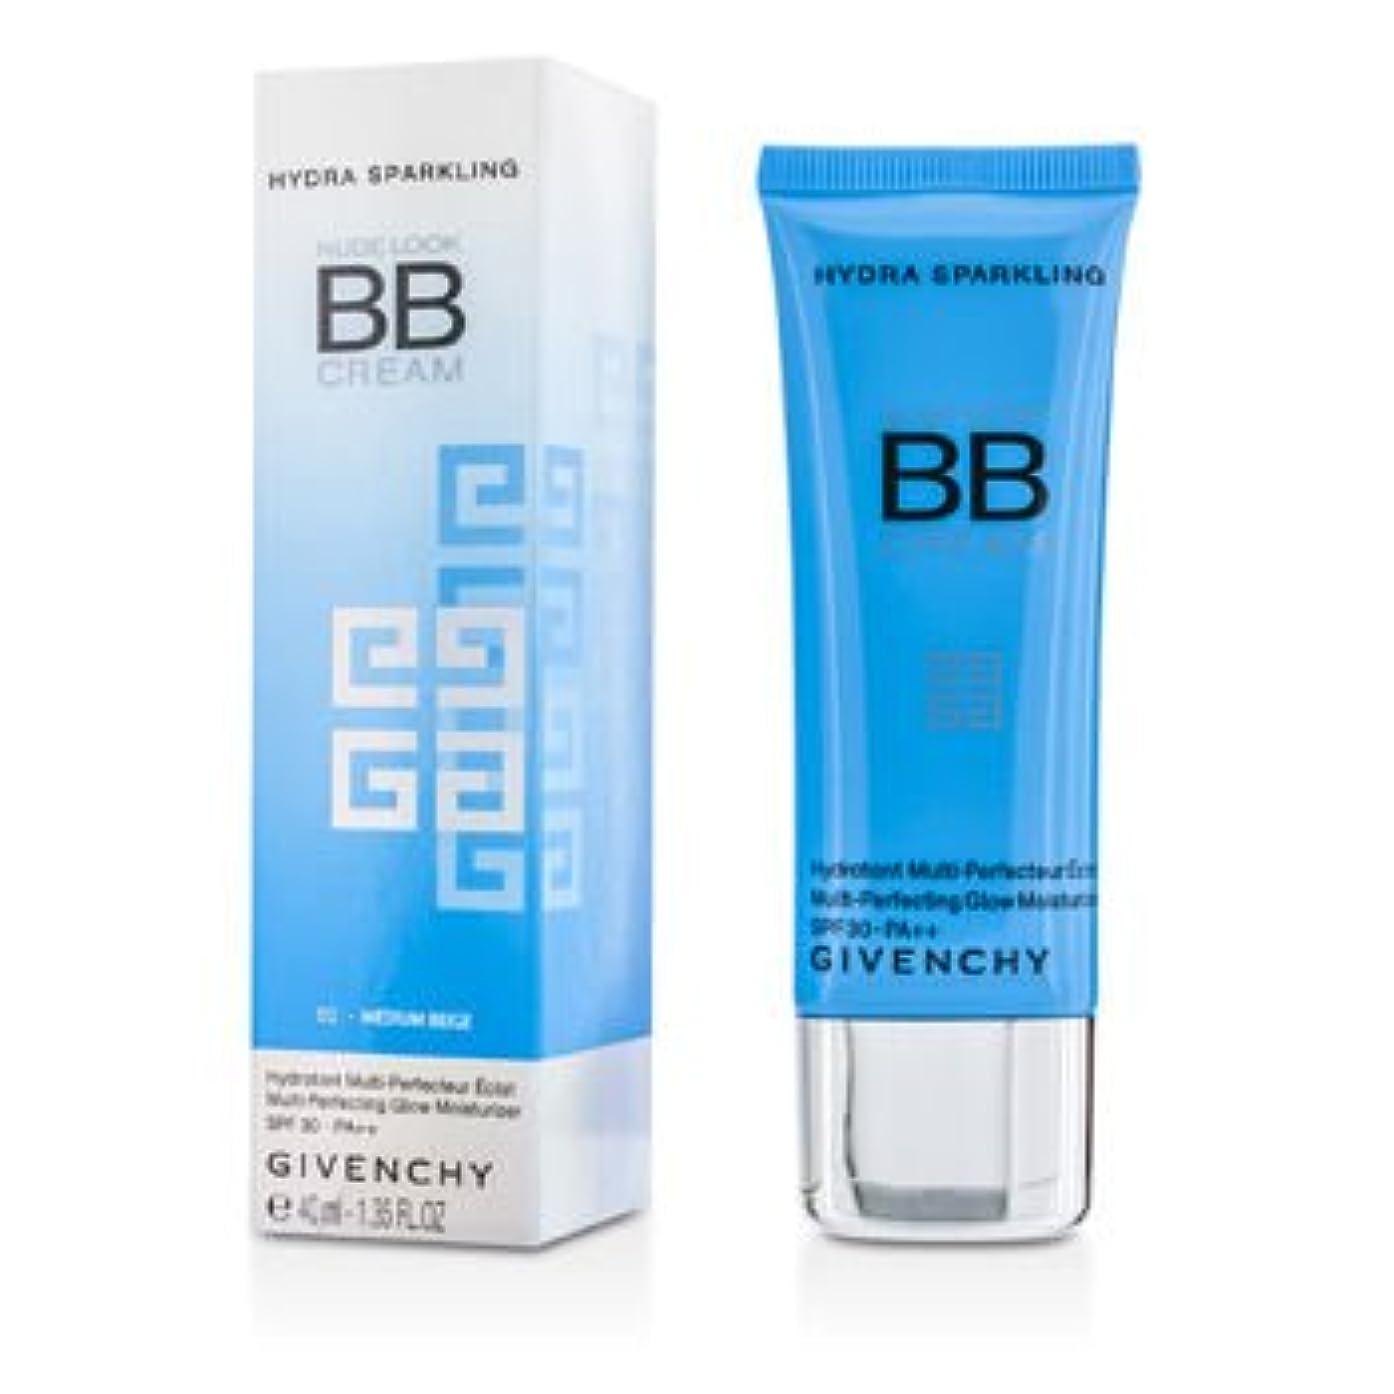 衛星ハーネス手つかずの[Givenchy] Nude Look BB Cream Multi-Perfecting Glow Moisturizer SPF 30 PA++ #02 Medium Beige 40ml/1.35oz